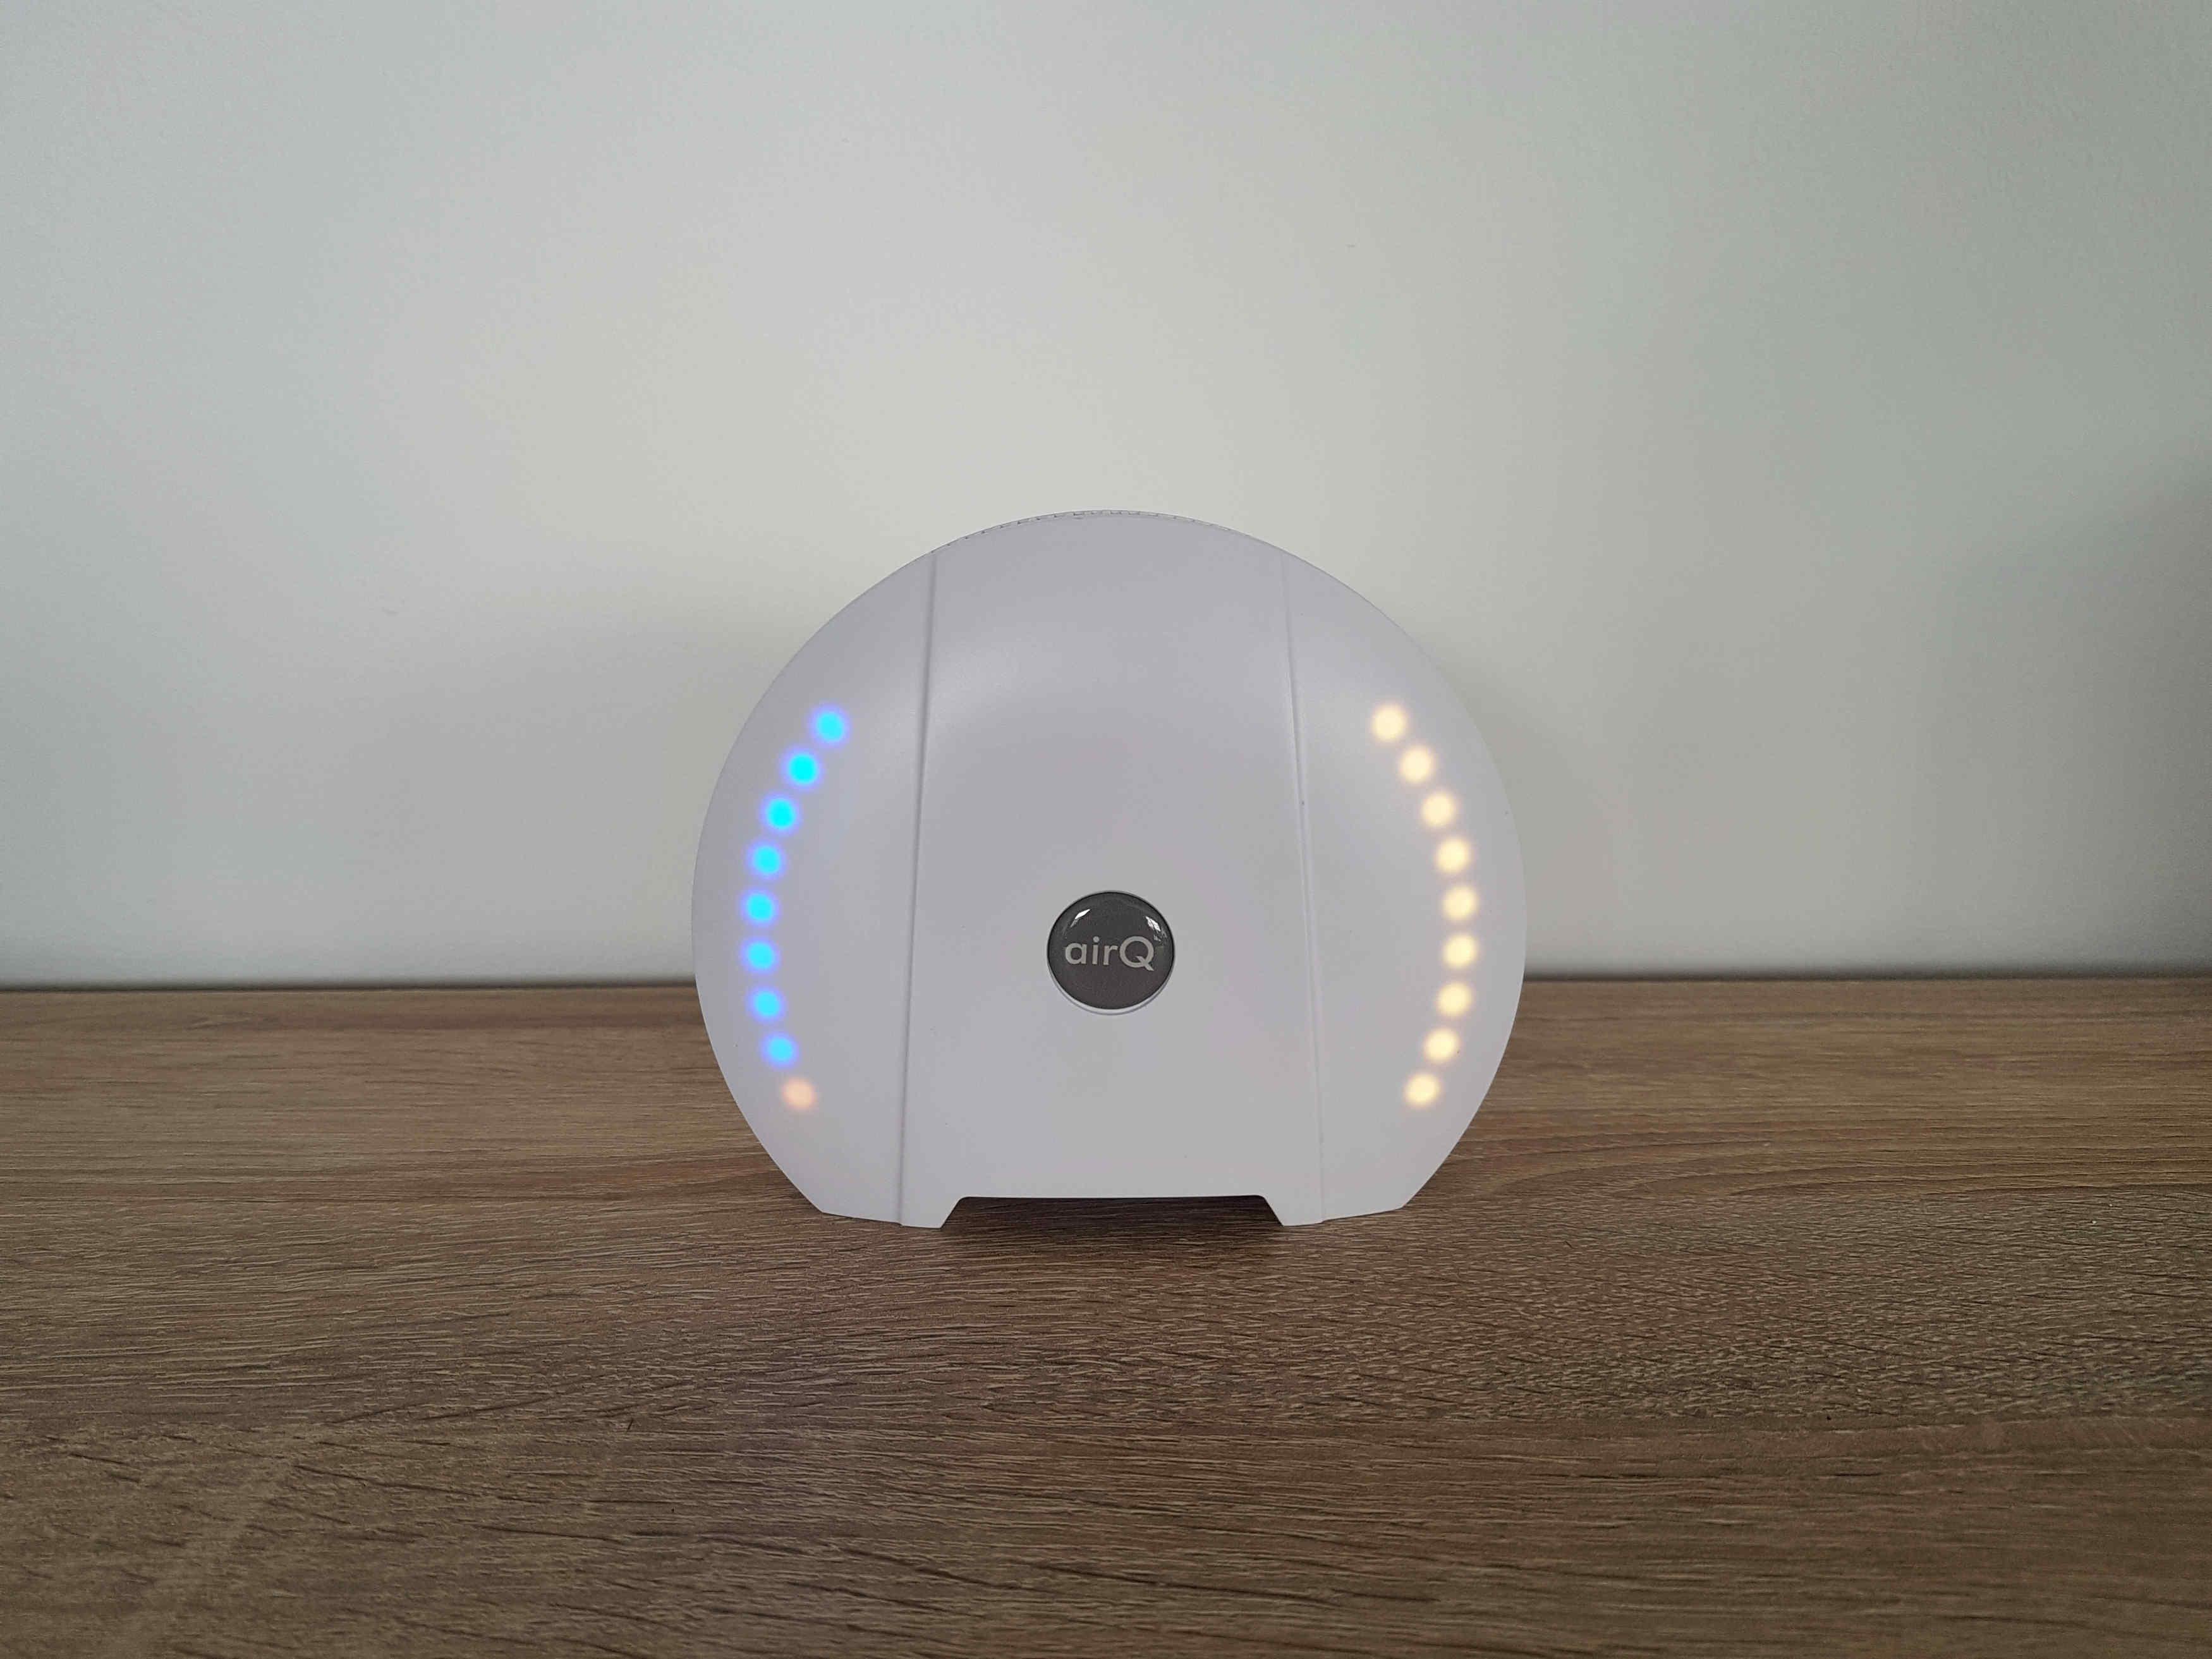 air-Q Luftmessgerät zeigt den CO2- und VOC-Pegel an und gibt bei Überschreitung der Messwerte einen Warnton ab